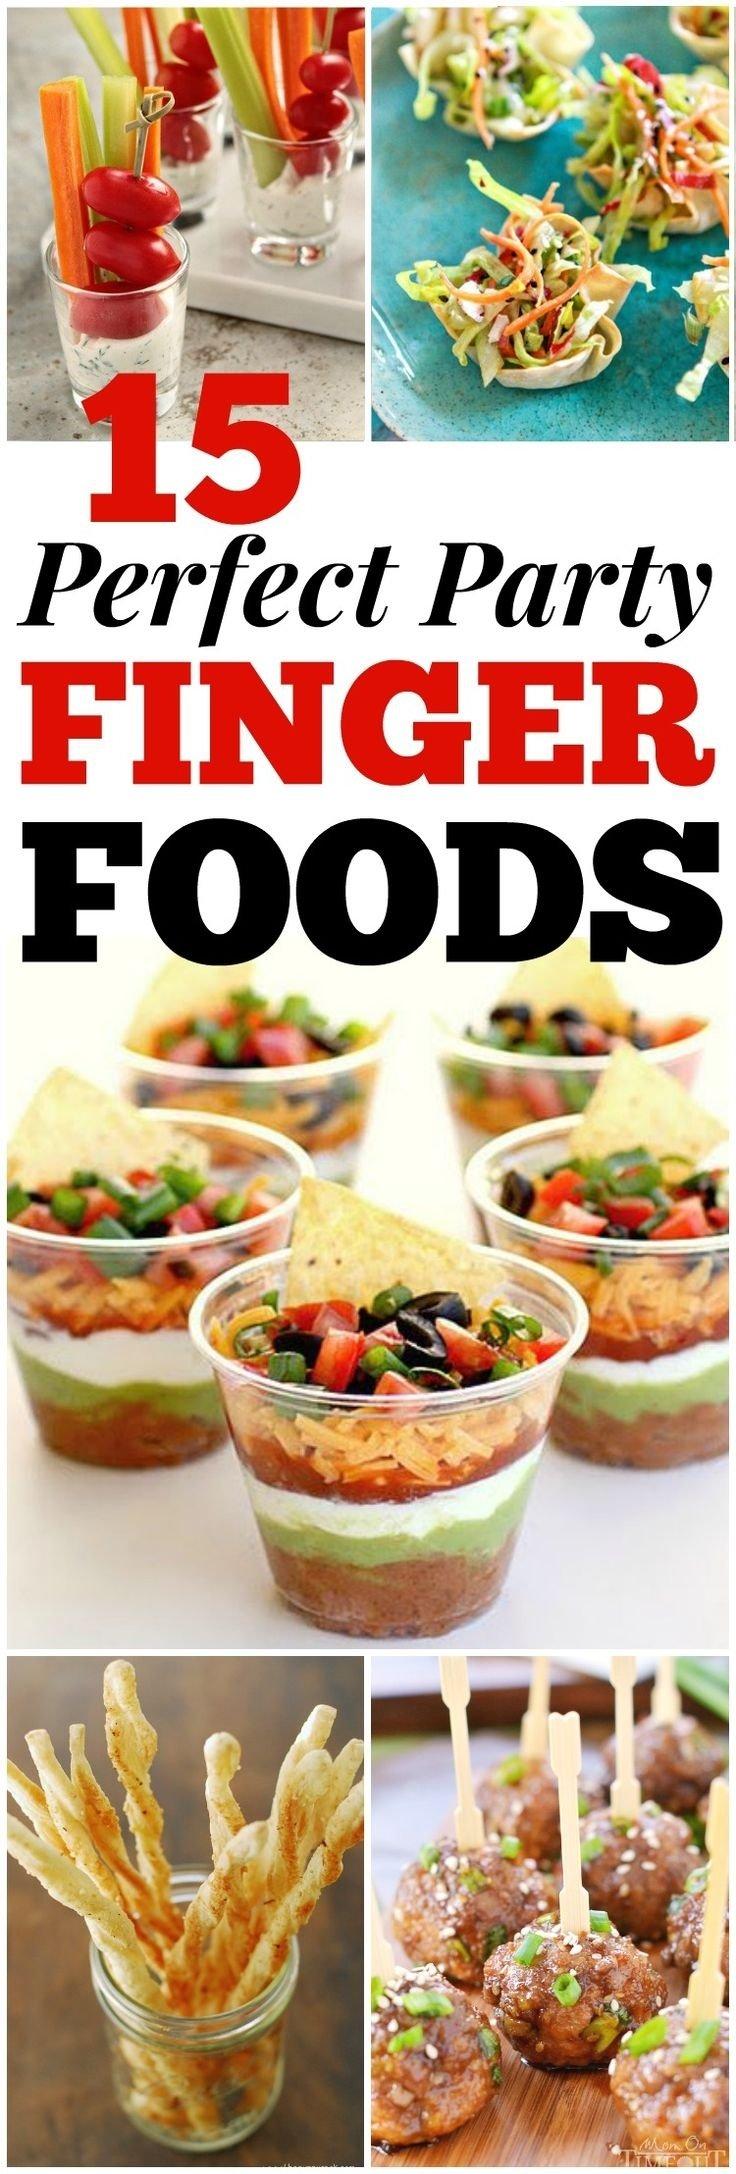 10 Most Popular Finger Food Ideas For Kids Birthday Party les 8 meilleures images du tableau party foods sur pinterest 4 2021